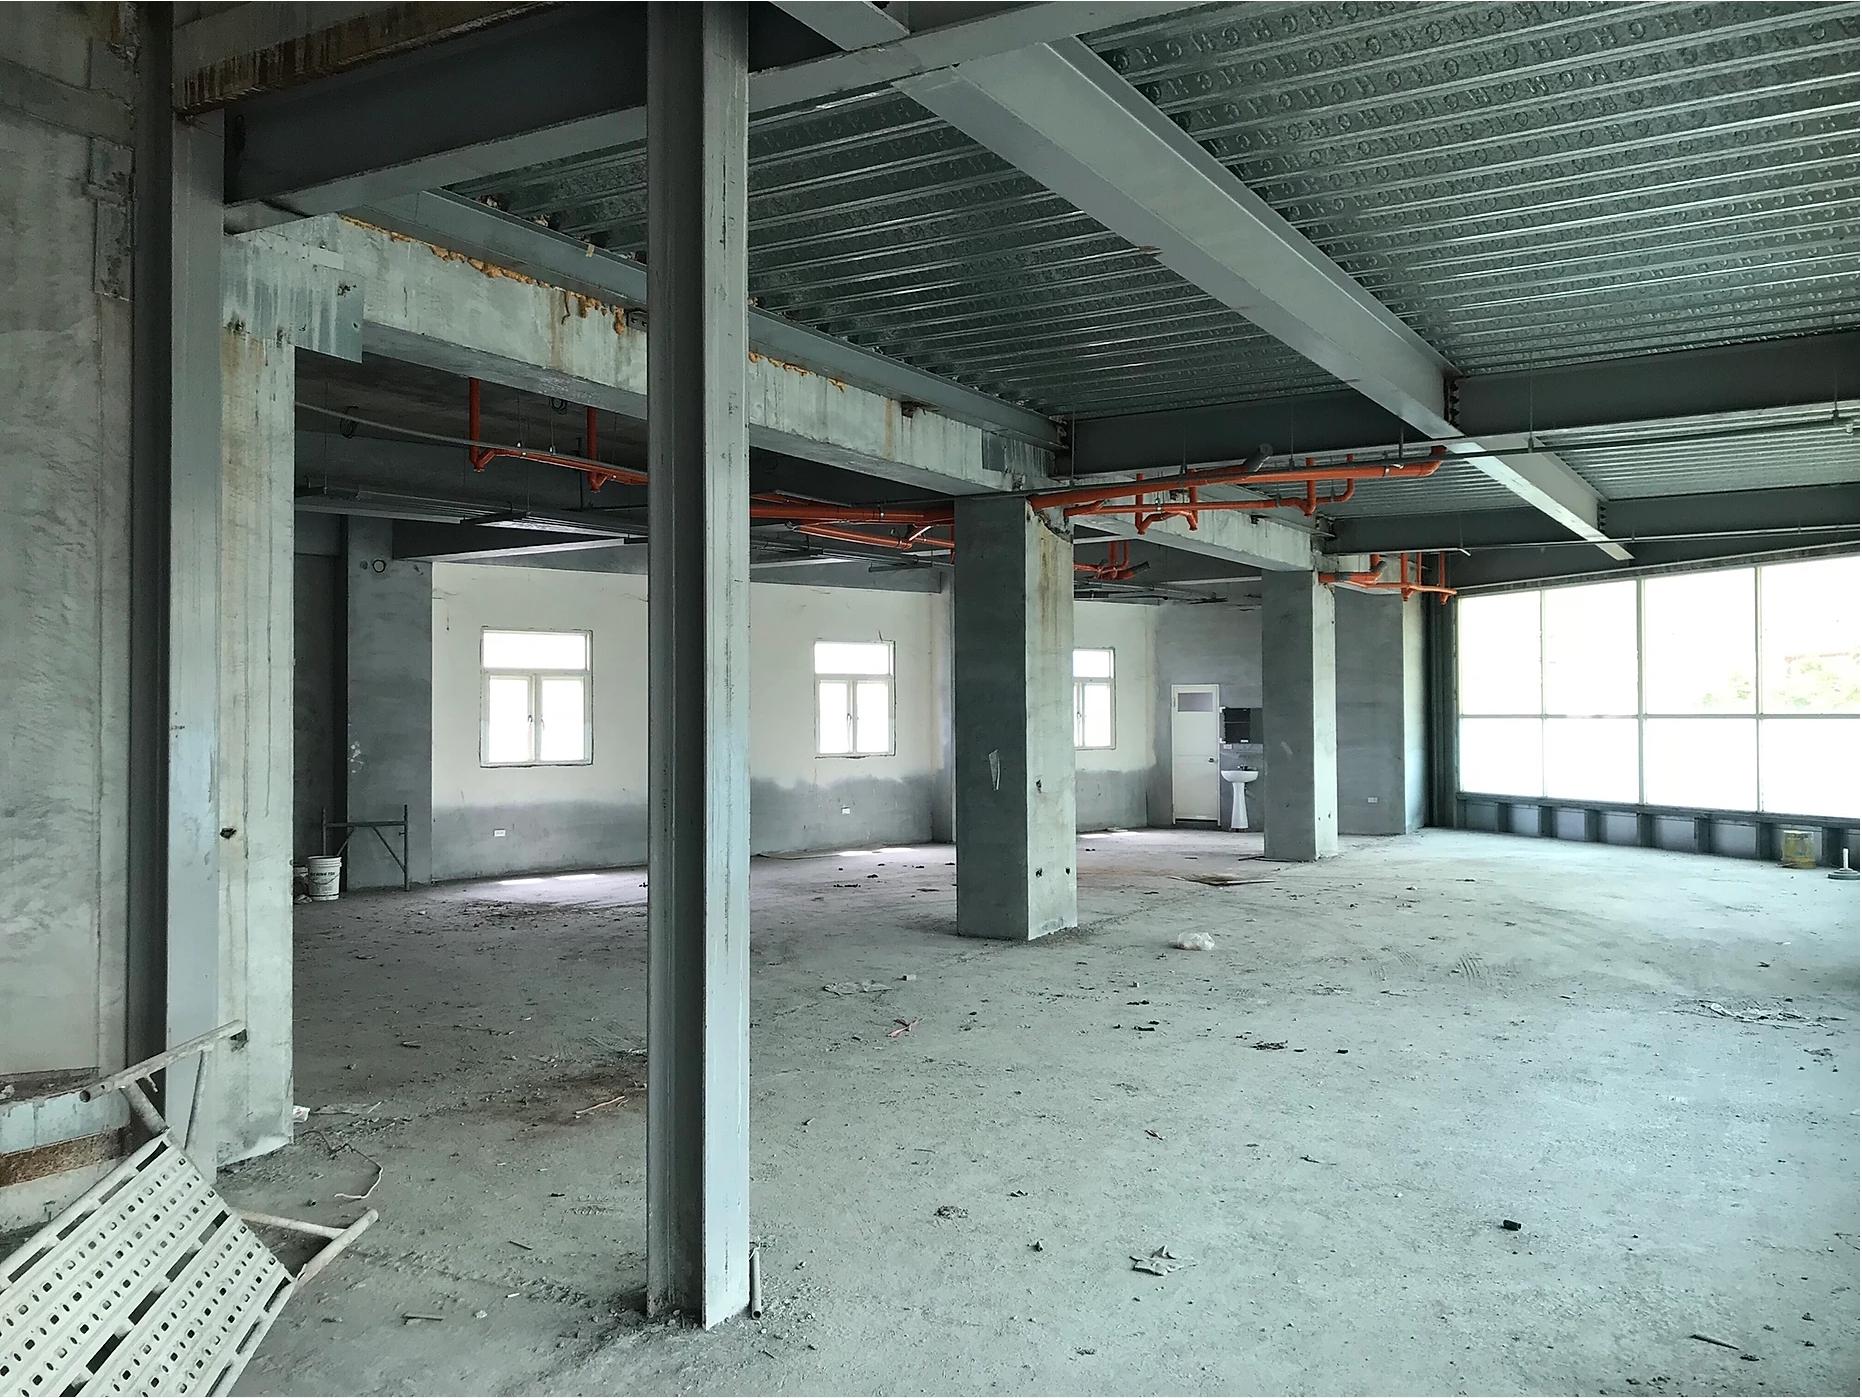 德築-DEZU-project-德築建築工場-architecture-interior-renovation-1